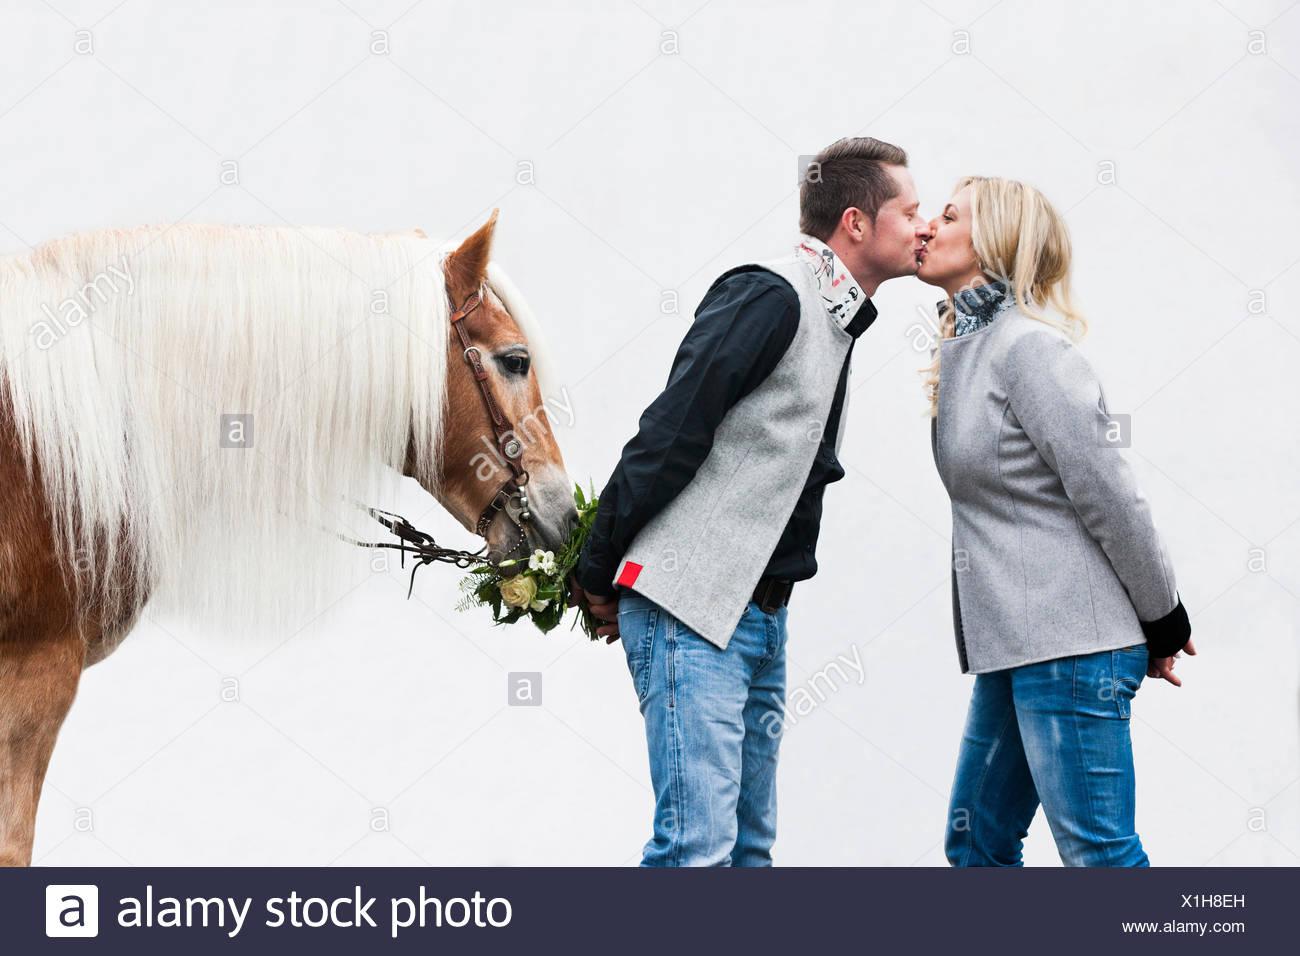 Mann und Frau küssen, Tyrolean Haflinger Essen Blumen, Nord-Tirol, Österreich Stockbild